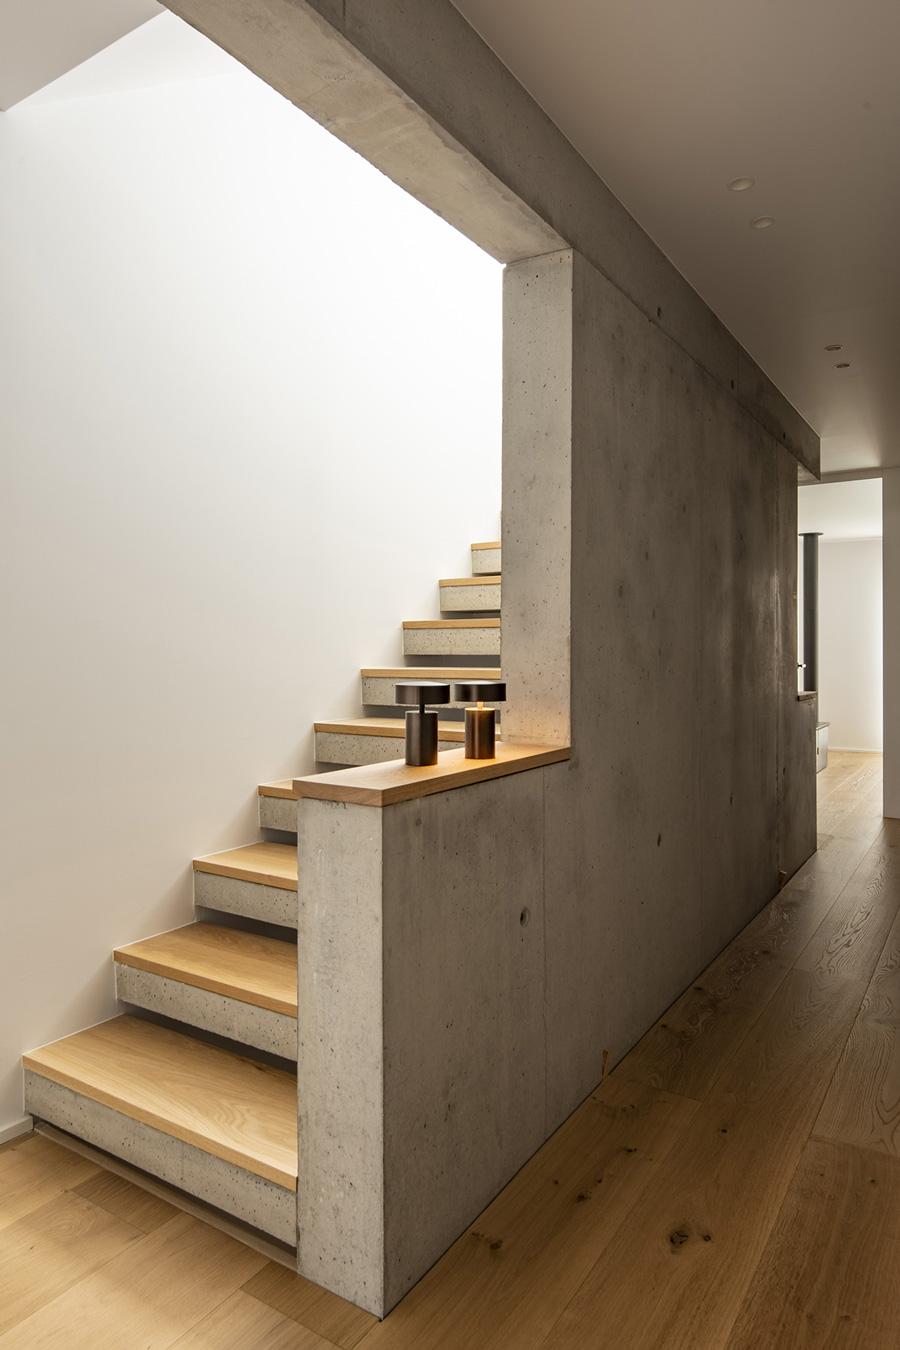 Cocina abierta. Subida de Escaleras. Santiago Interiores